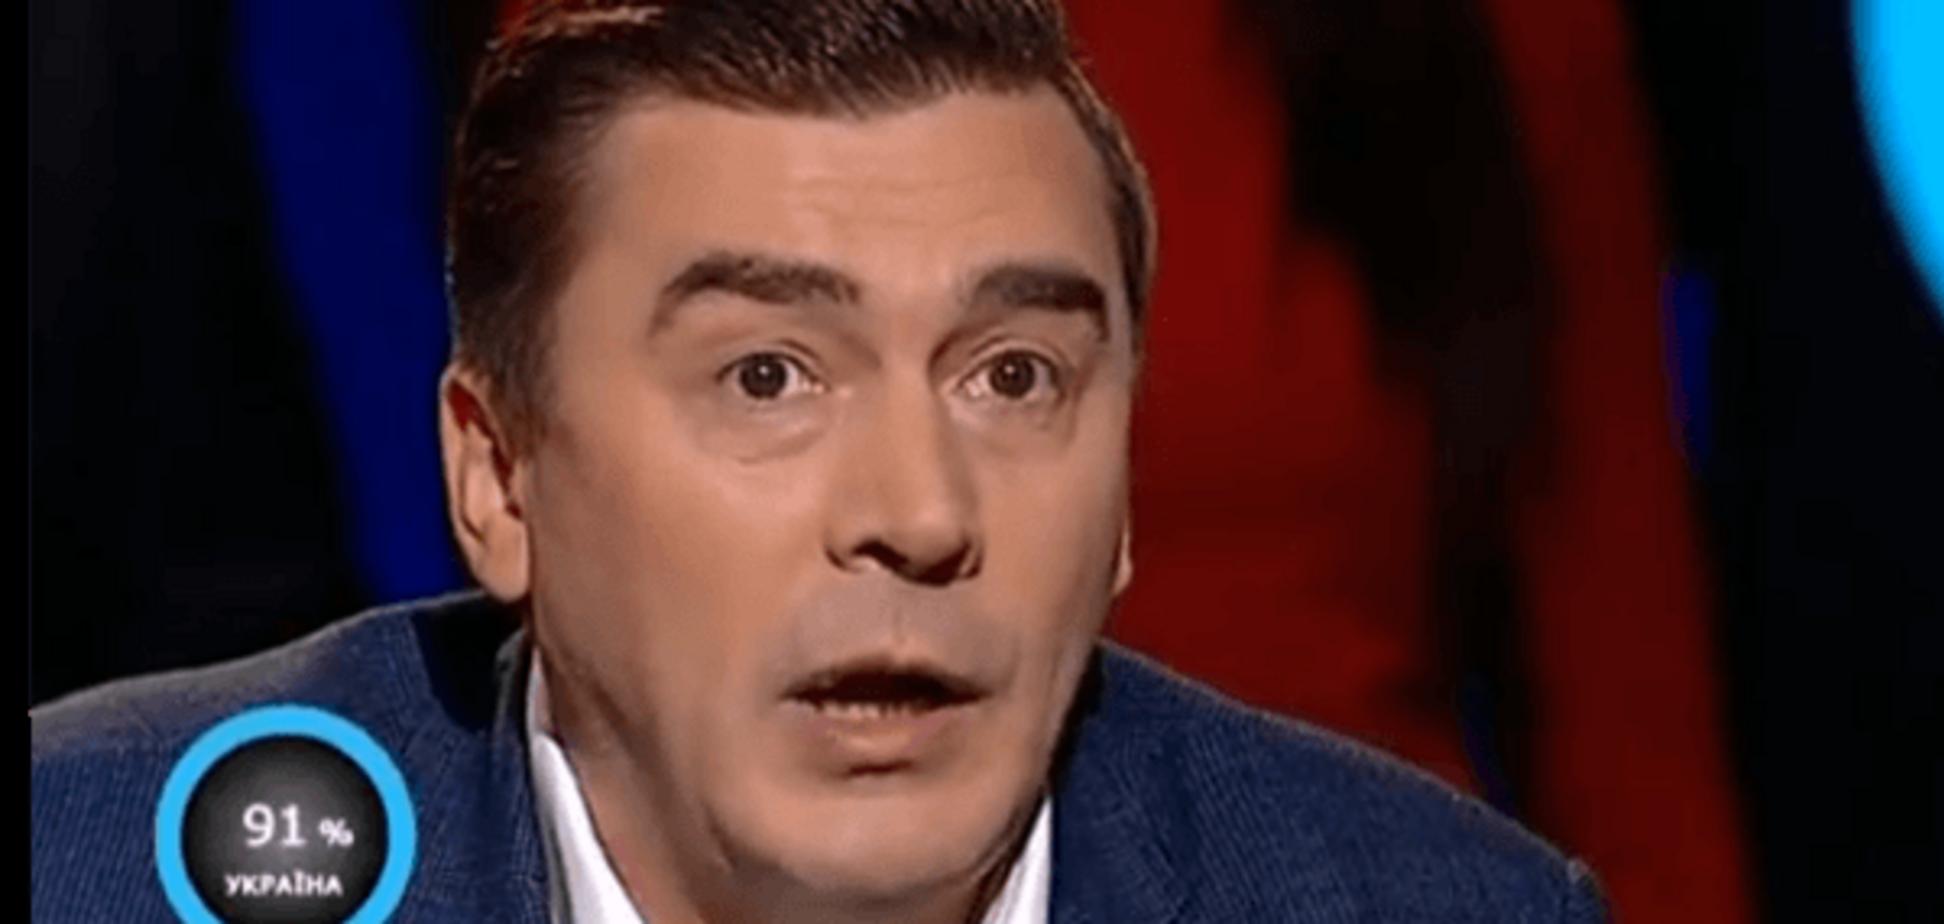 Добродомов назвал Яценюка 'неадекватным человеком'